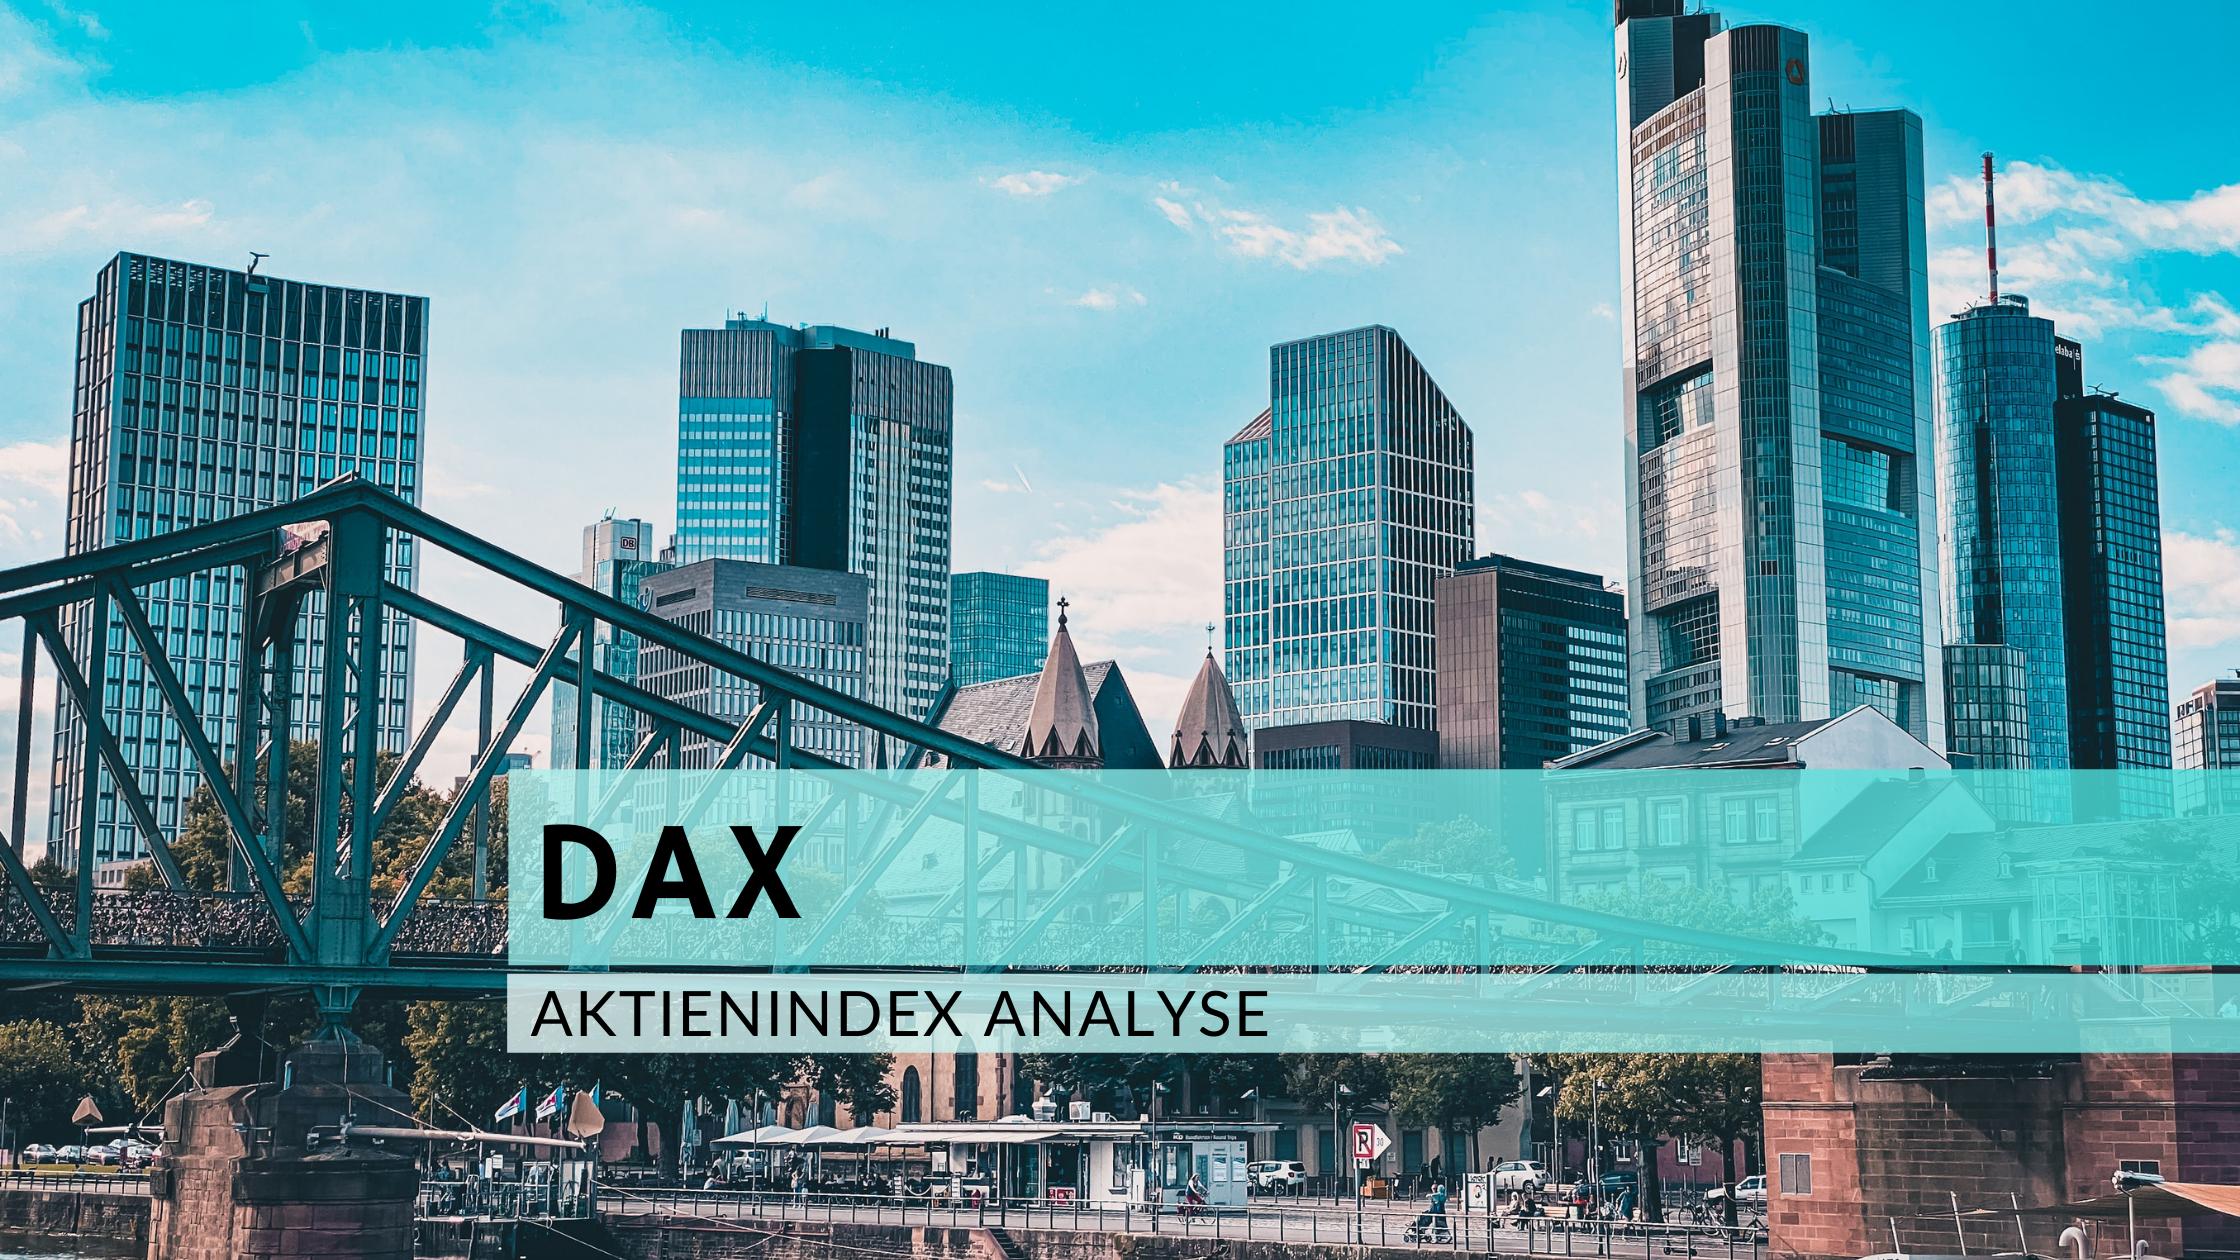 DAX Analyse - KW 31/32